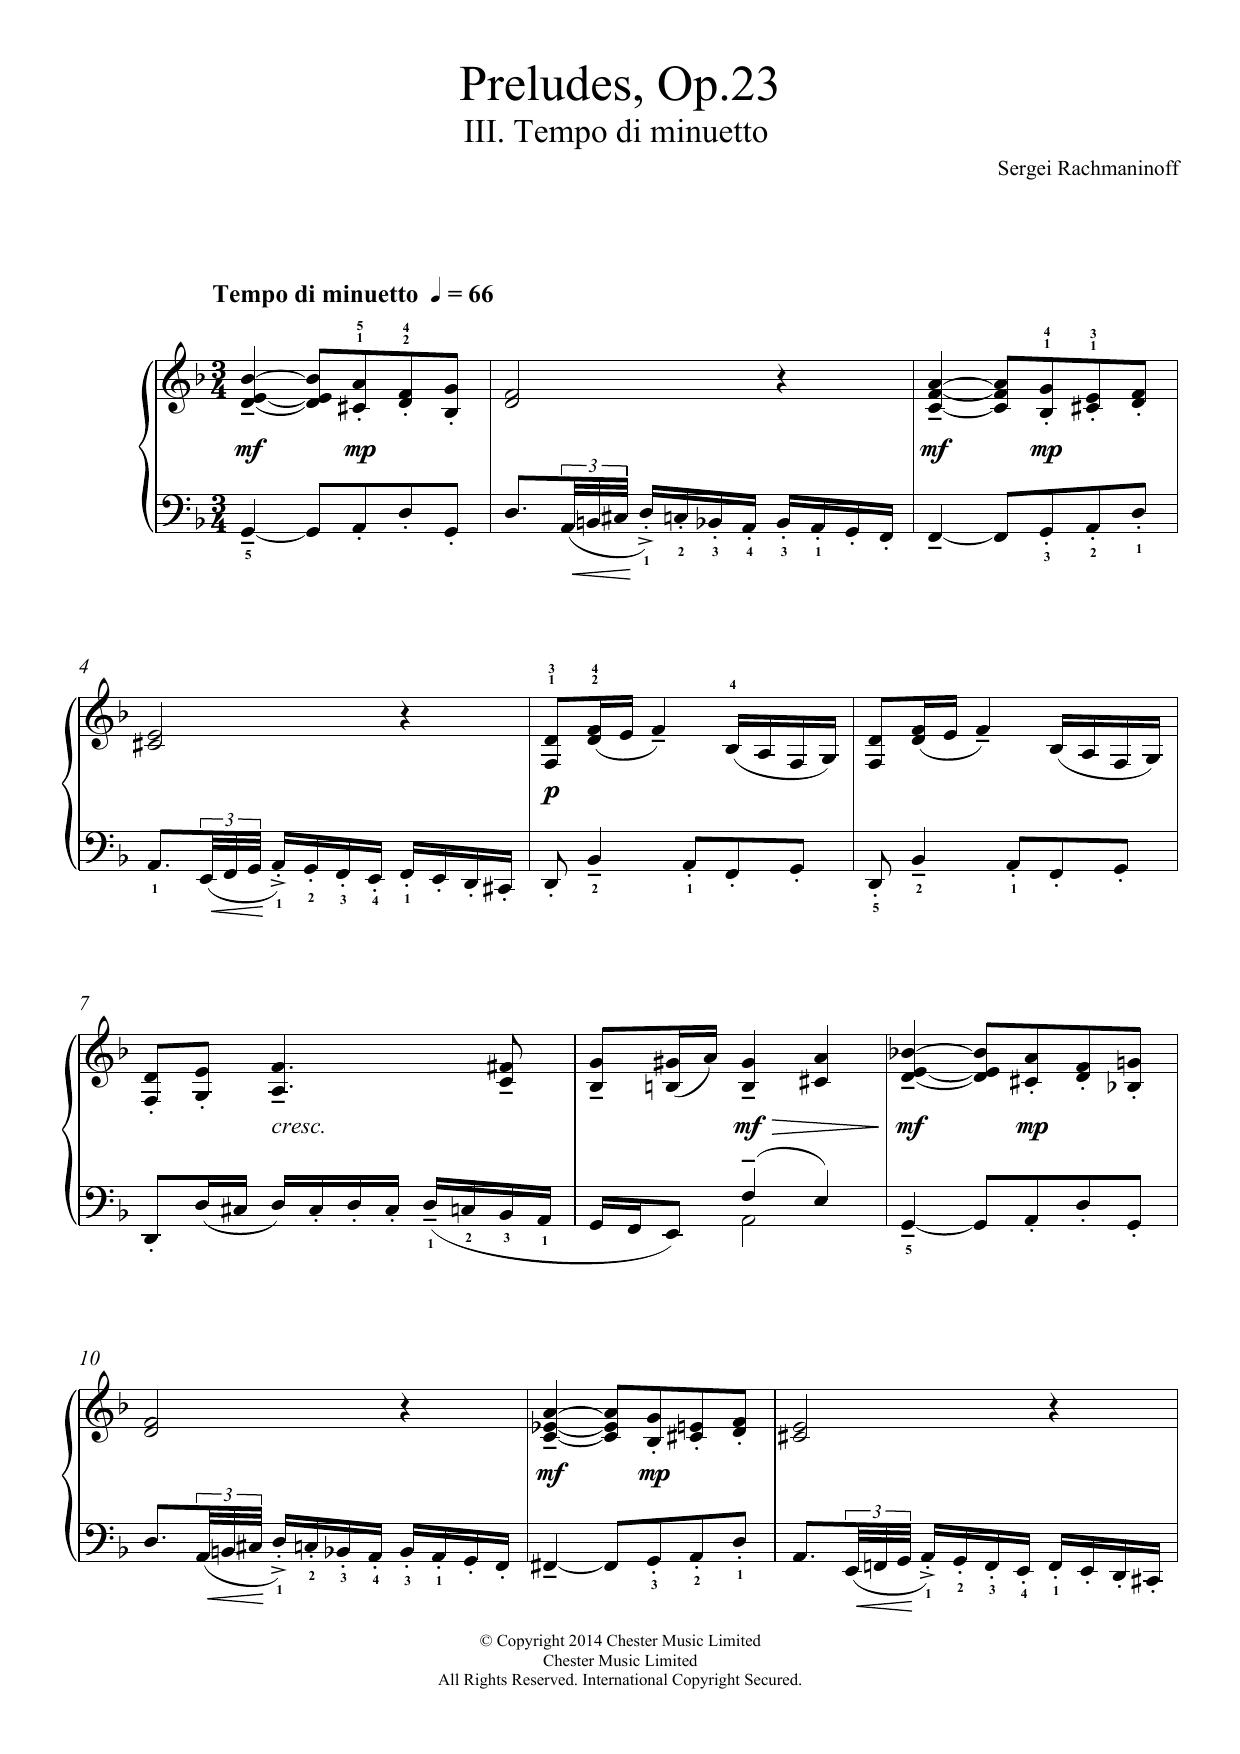 Sergei Rachmaninoff - Preludes Op.23, No.3 Tempo di minuetto